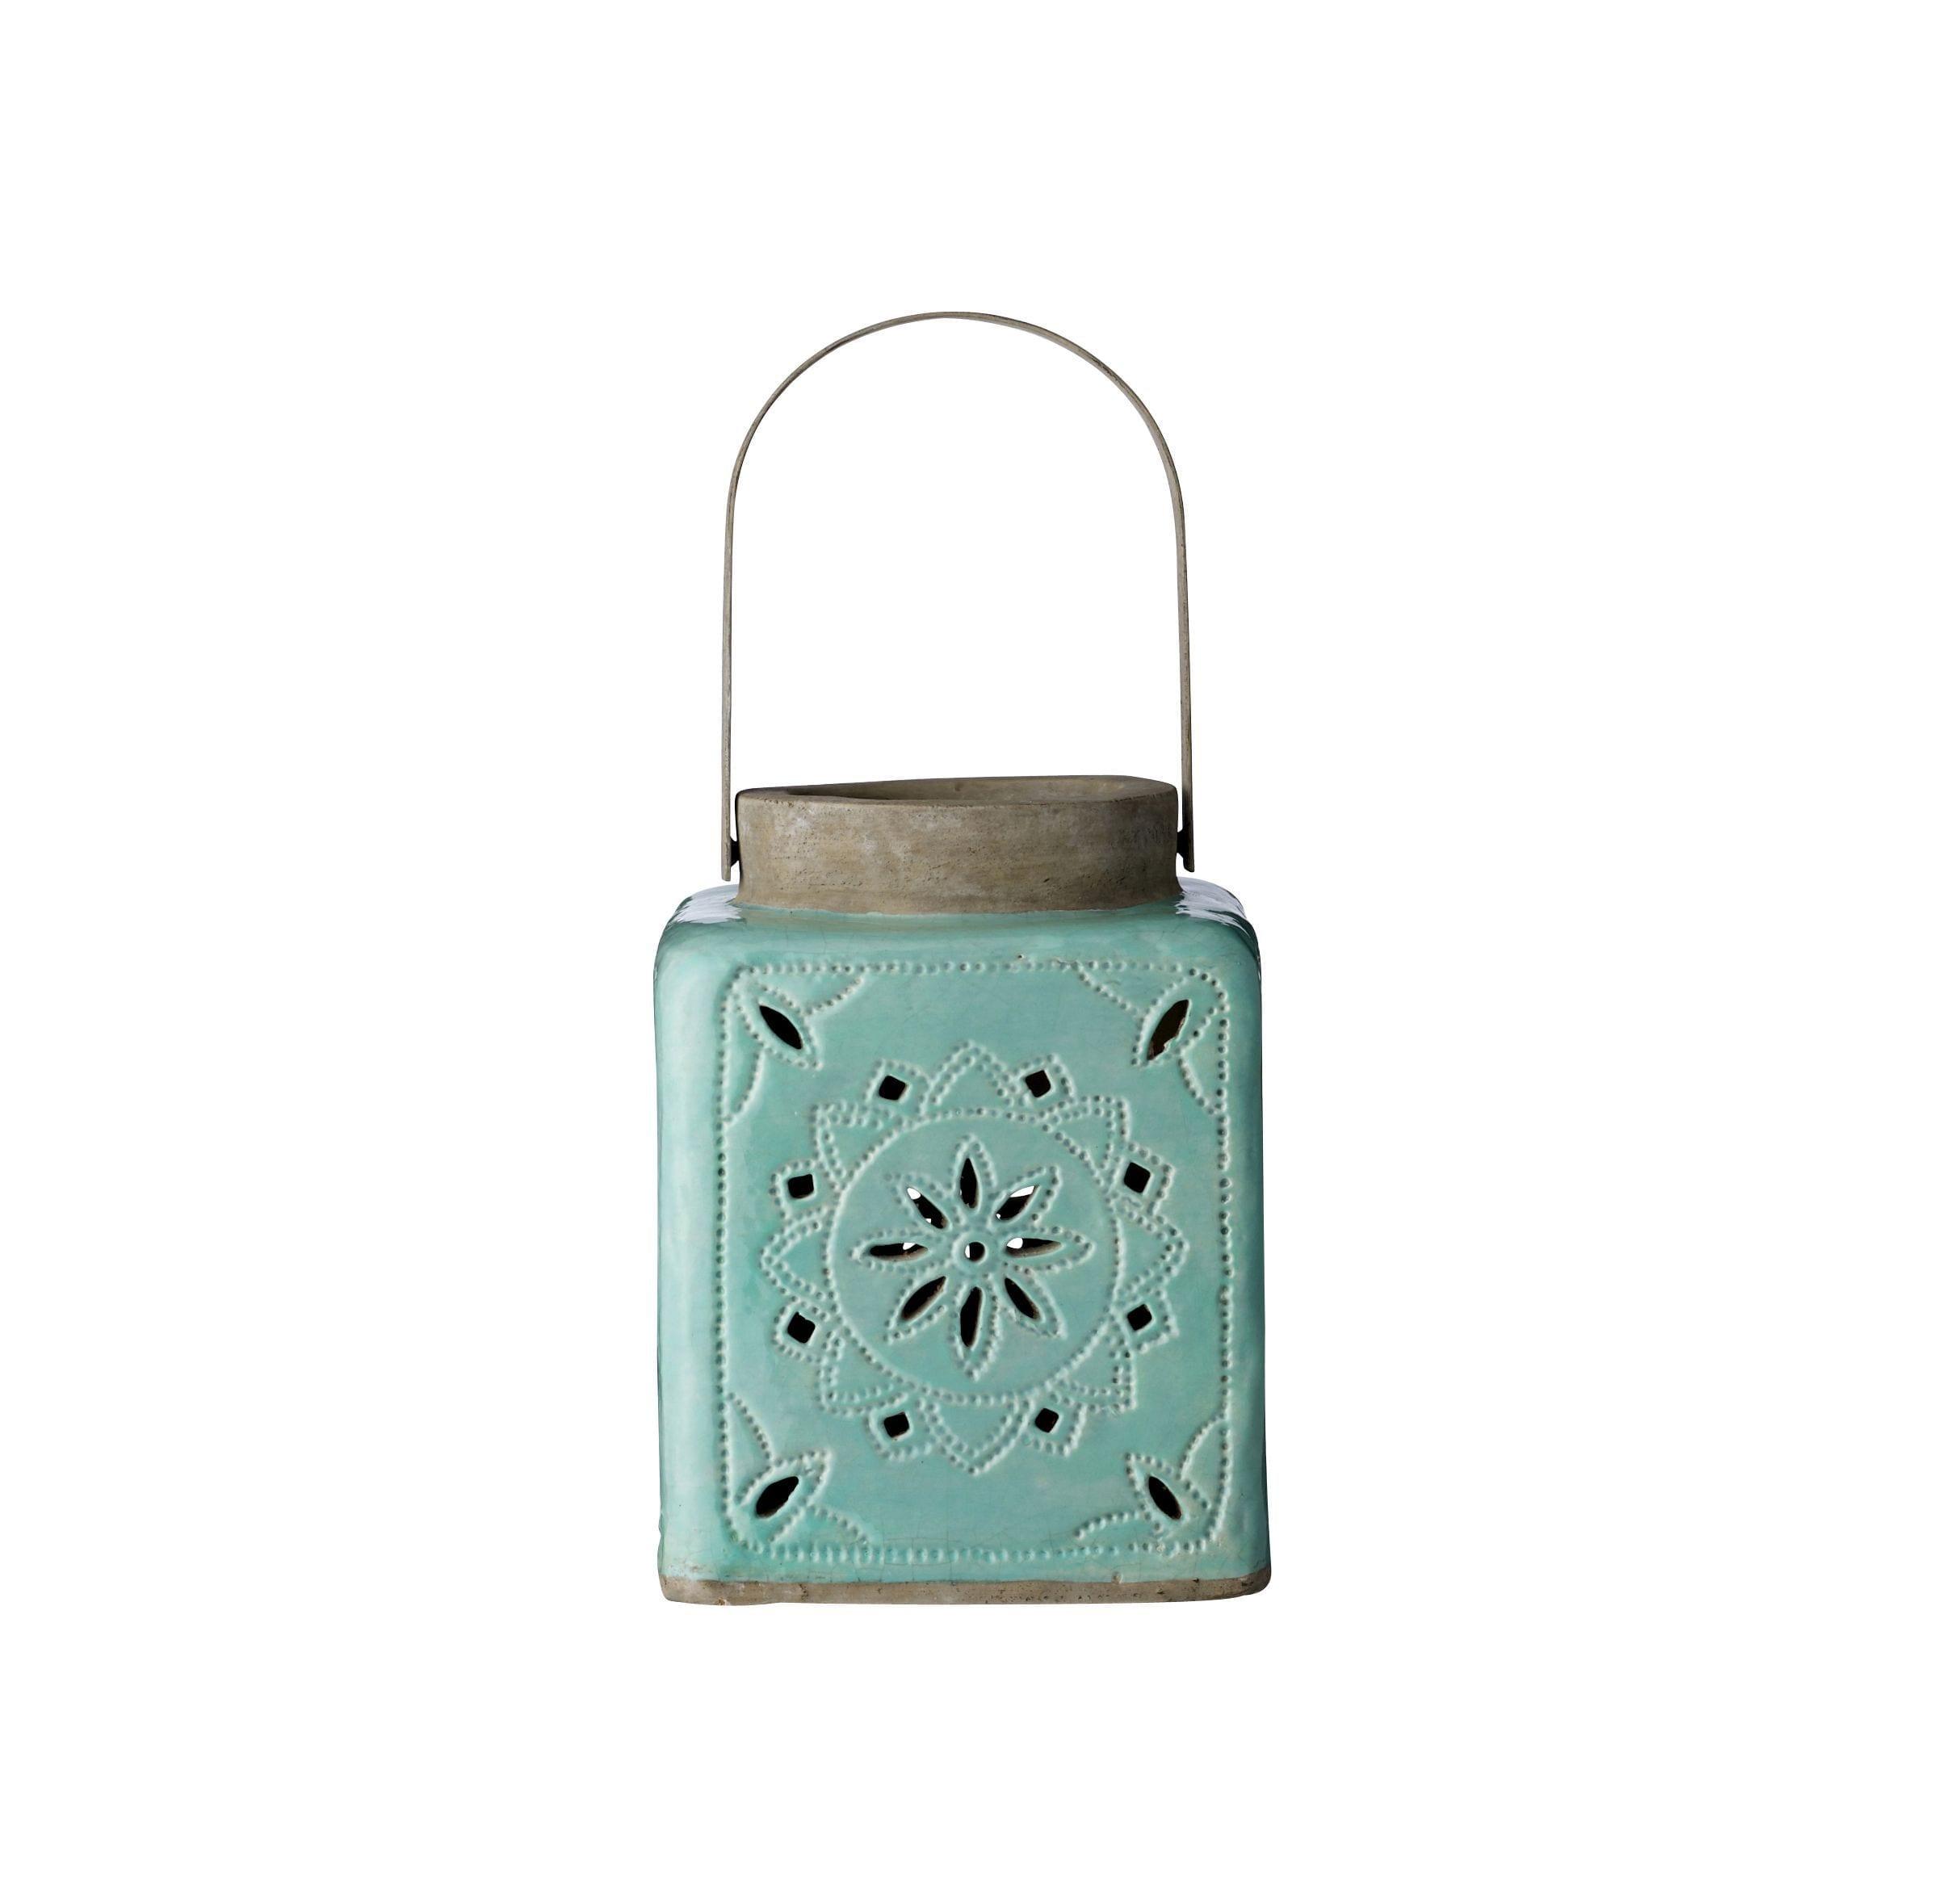 Lanterne céramique - Vert